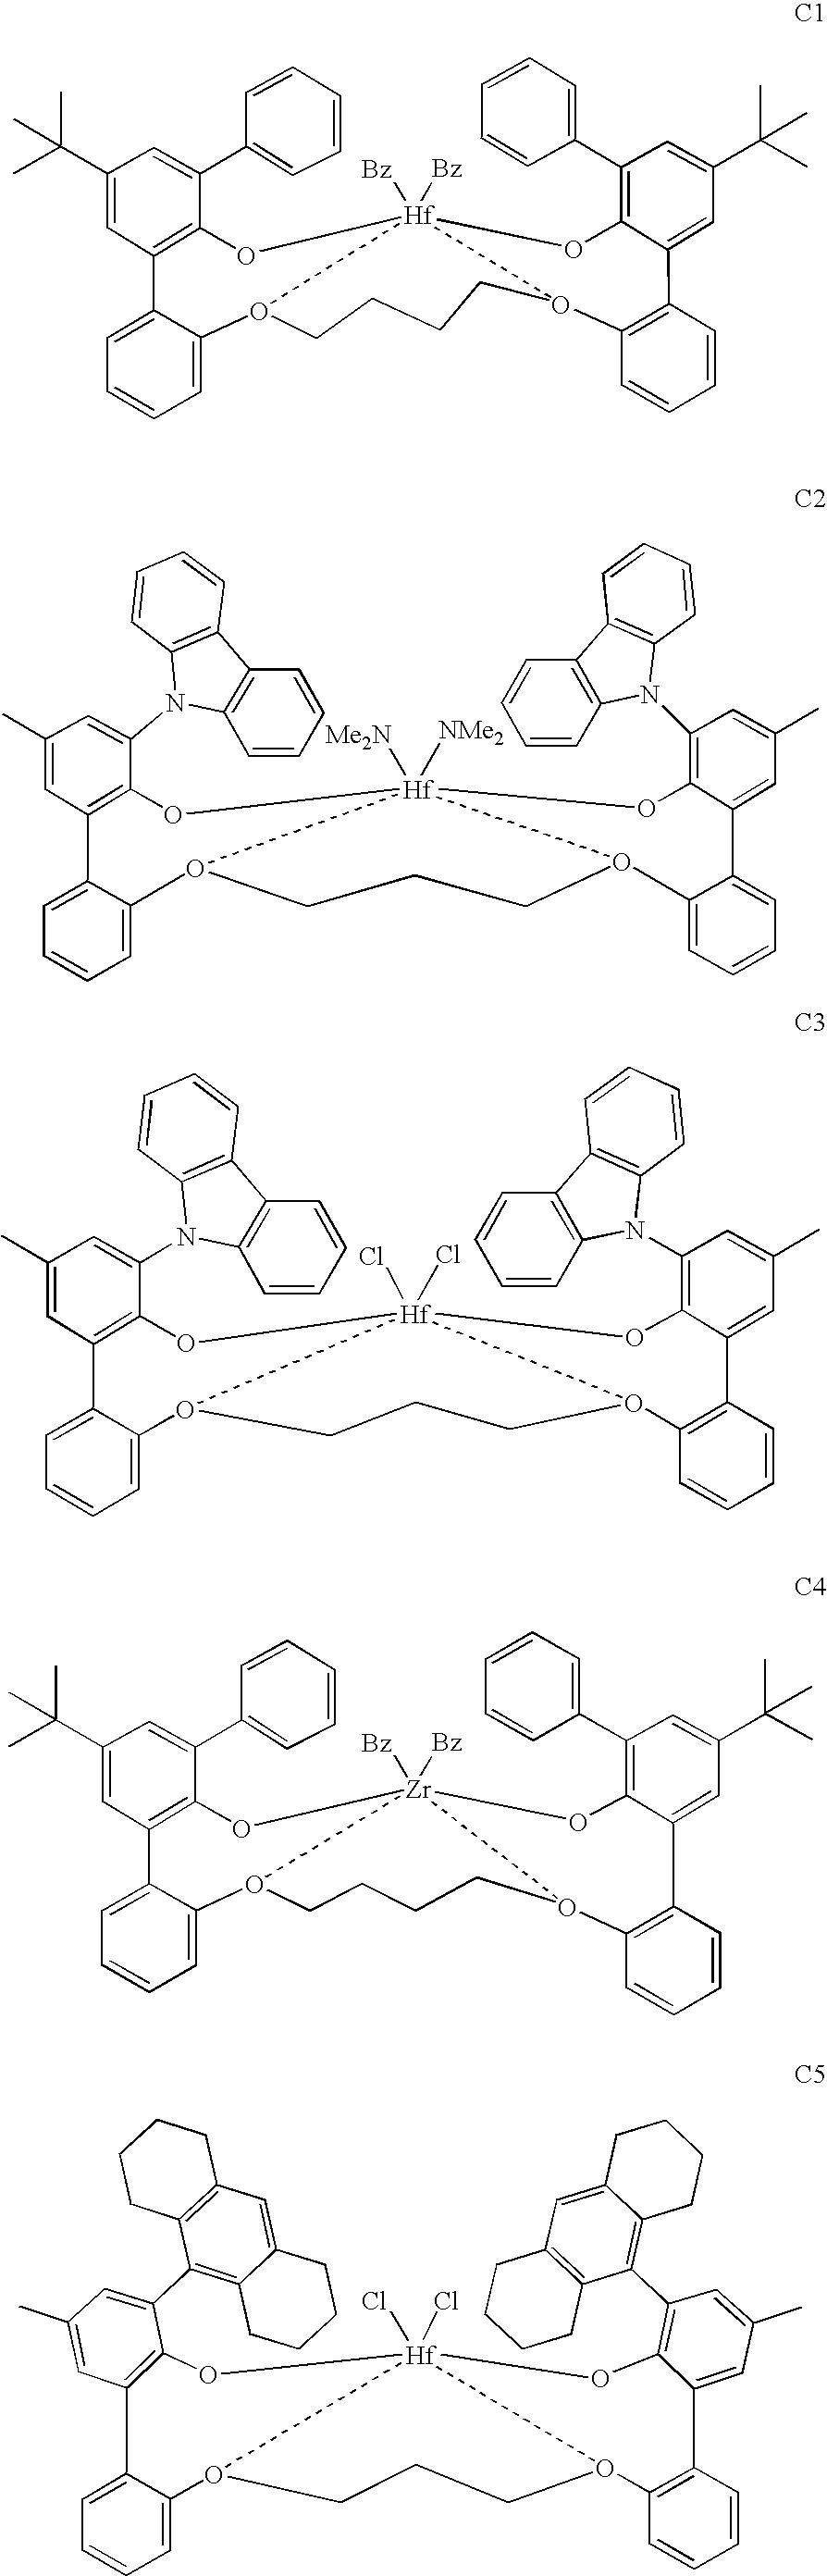 Figure US06897276-20050524-C00040